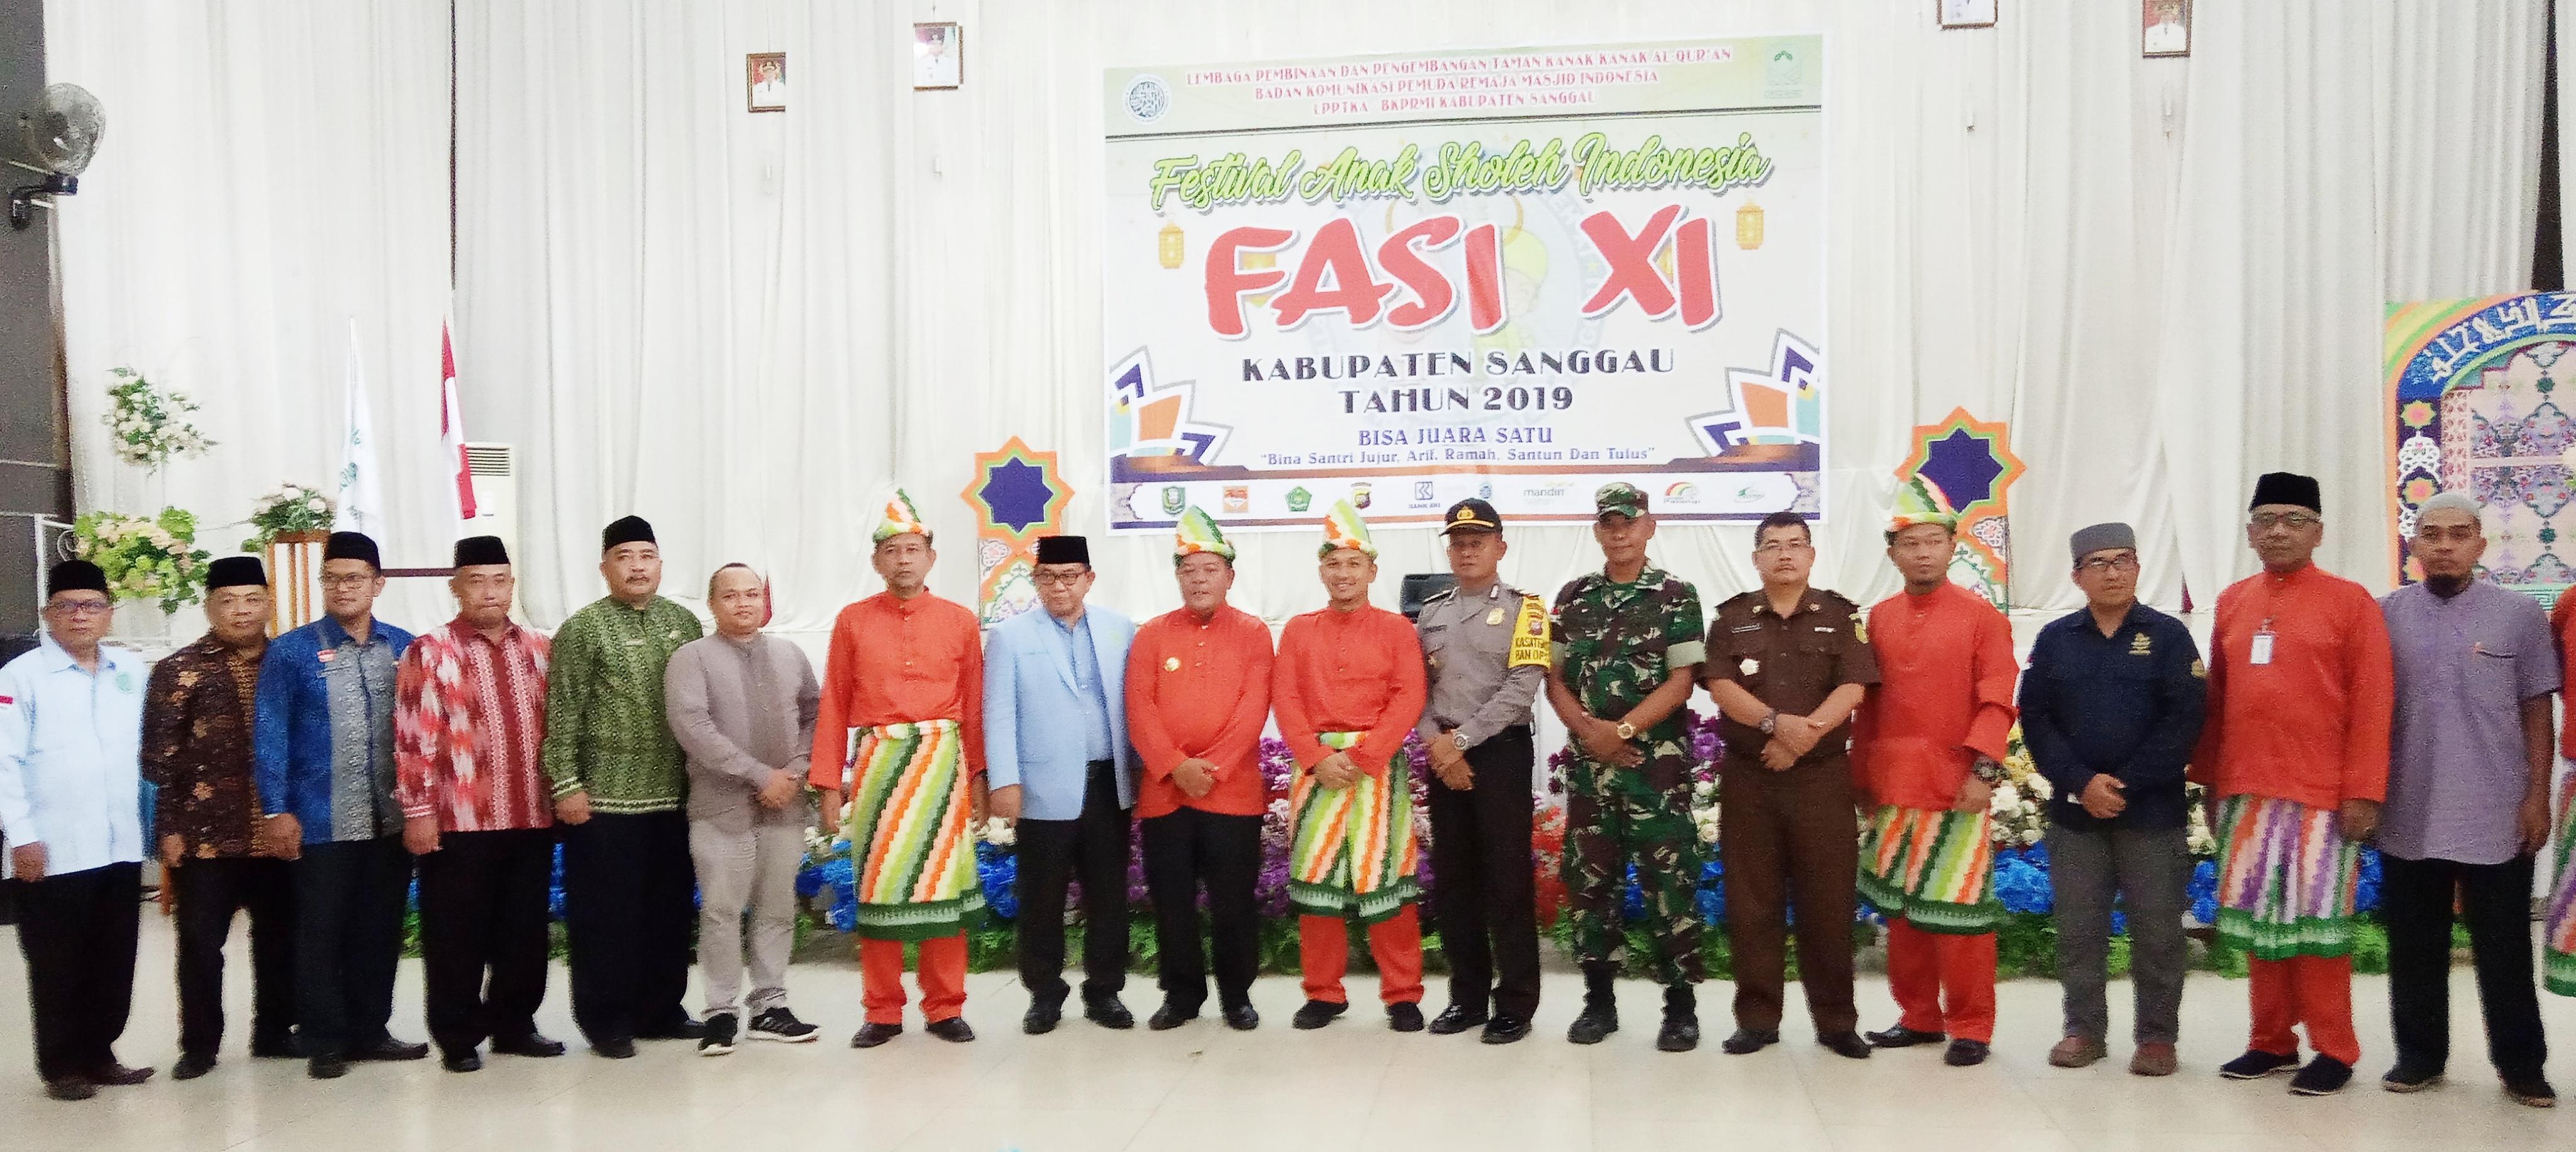 FASI XI Tingkat Kab.Sanggau Resmi di Mulai, Bupati: Sanggau Siap Menjadi Tuan Rumah Ajang FASI Tingkat Provinsi Kalbar Tahun 2020